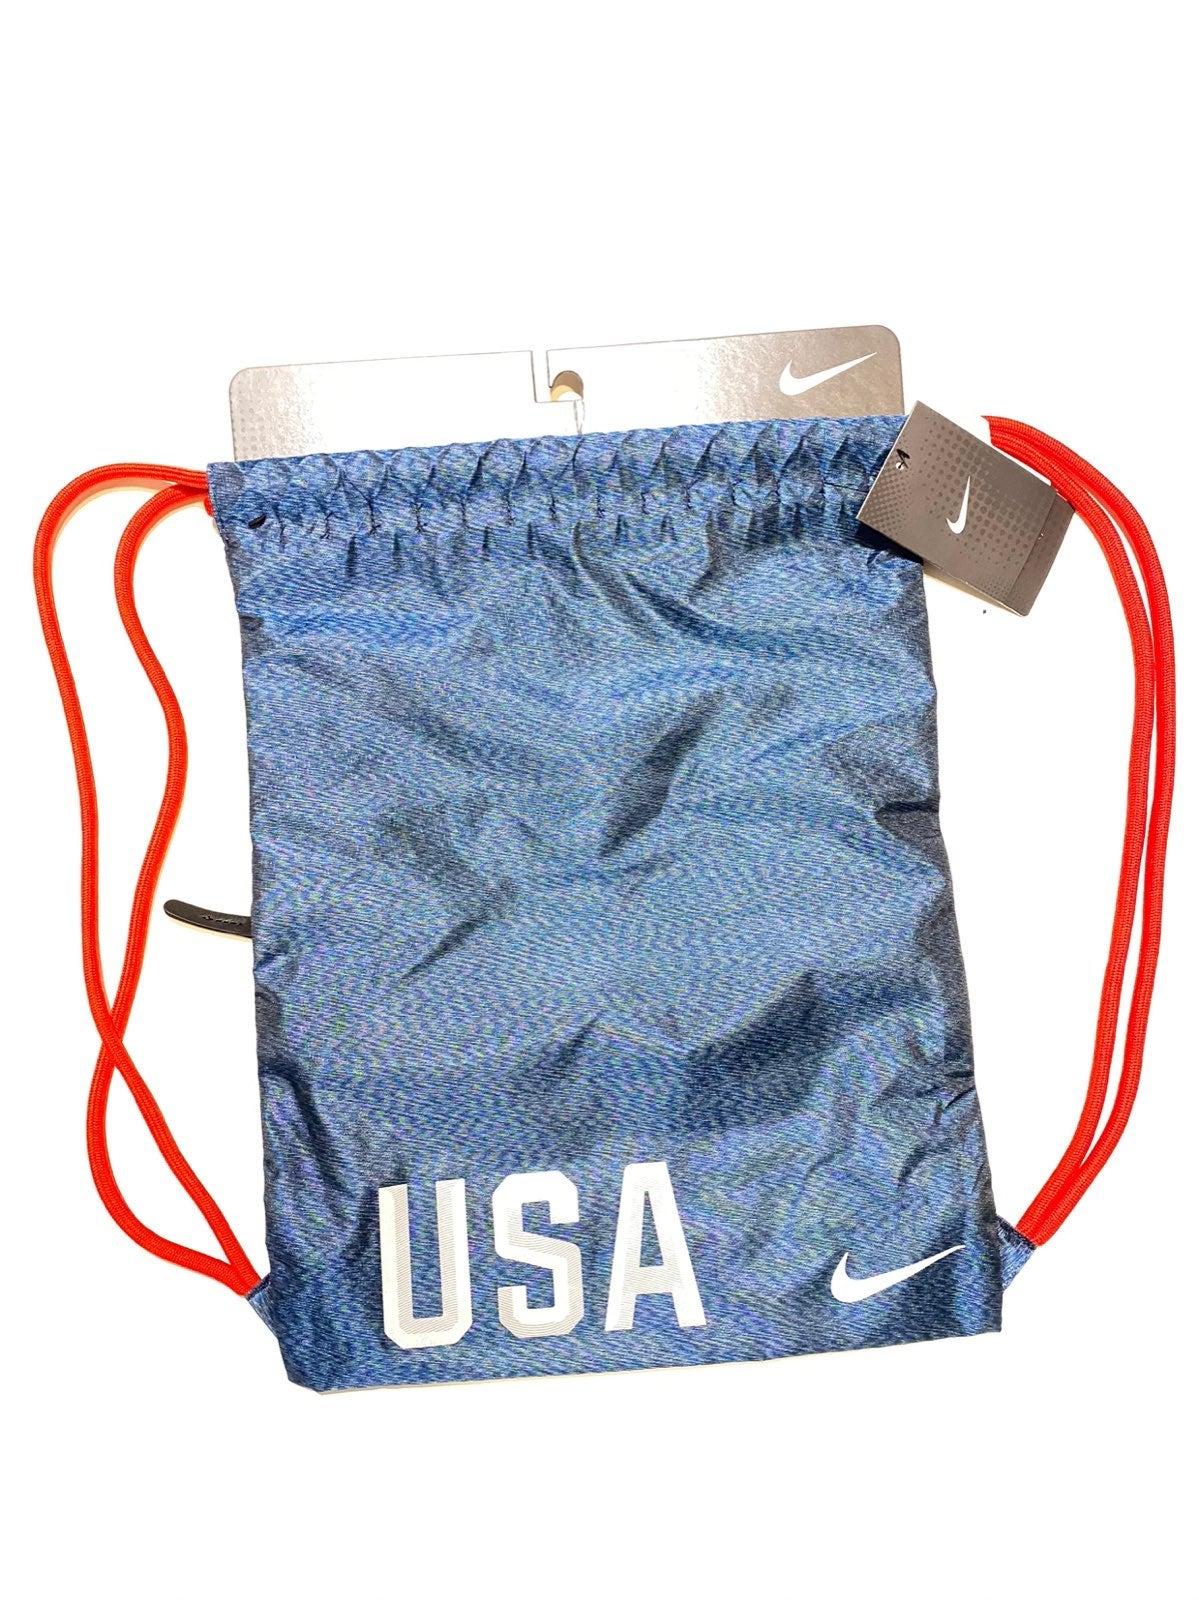 Nike elite backpack